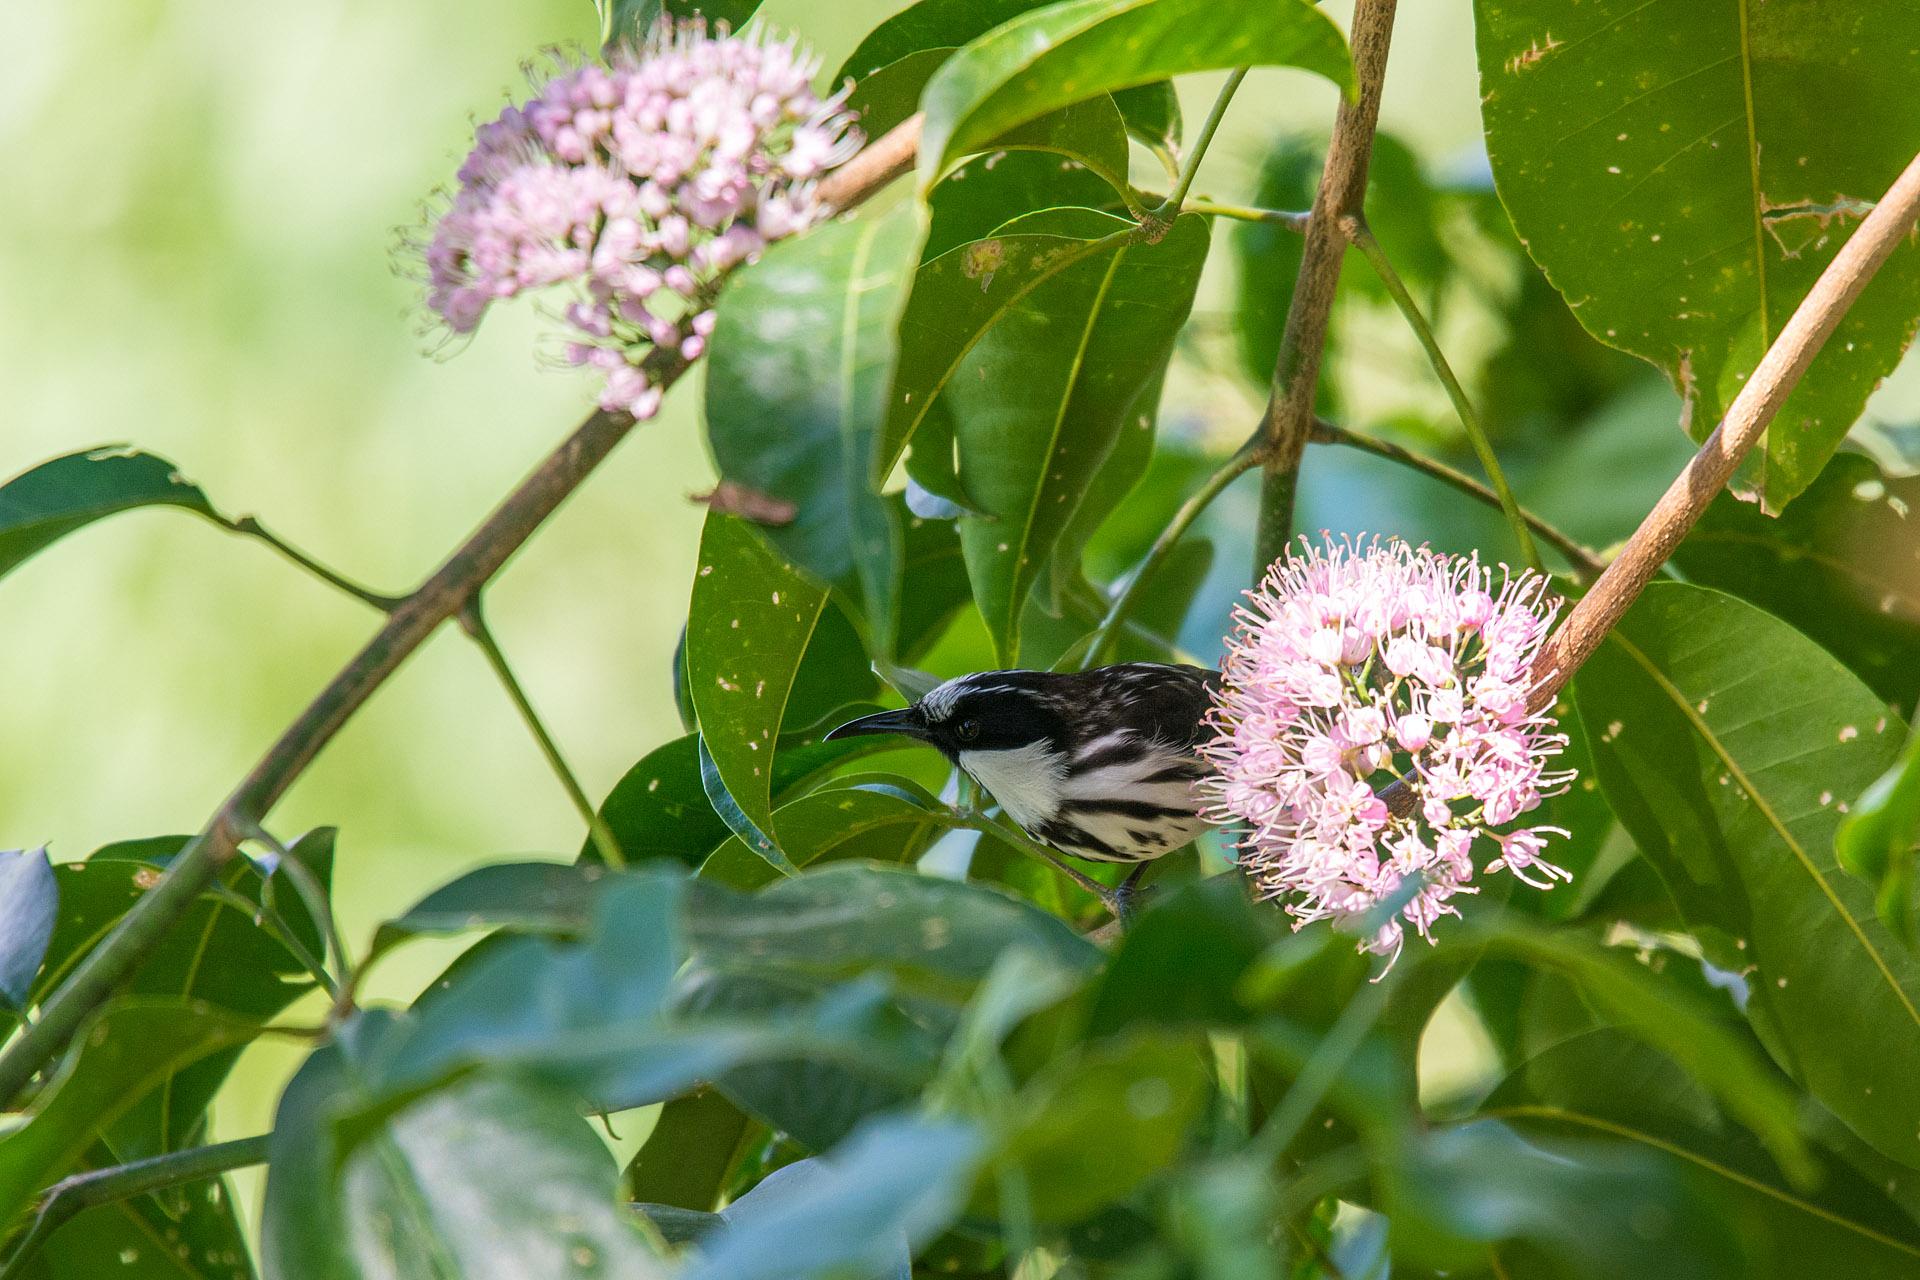 White-cheeked honeyeater